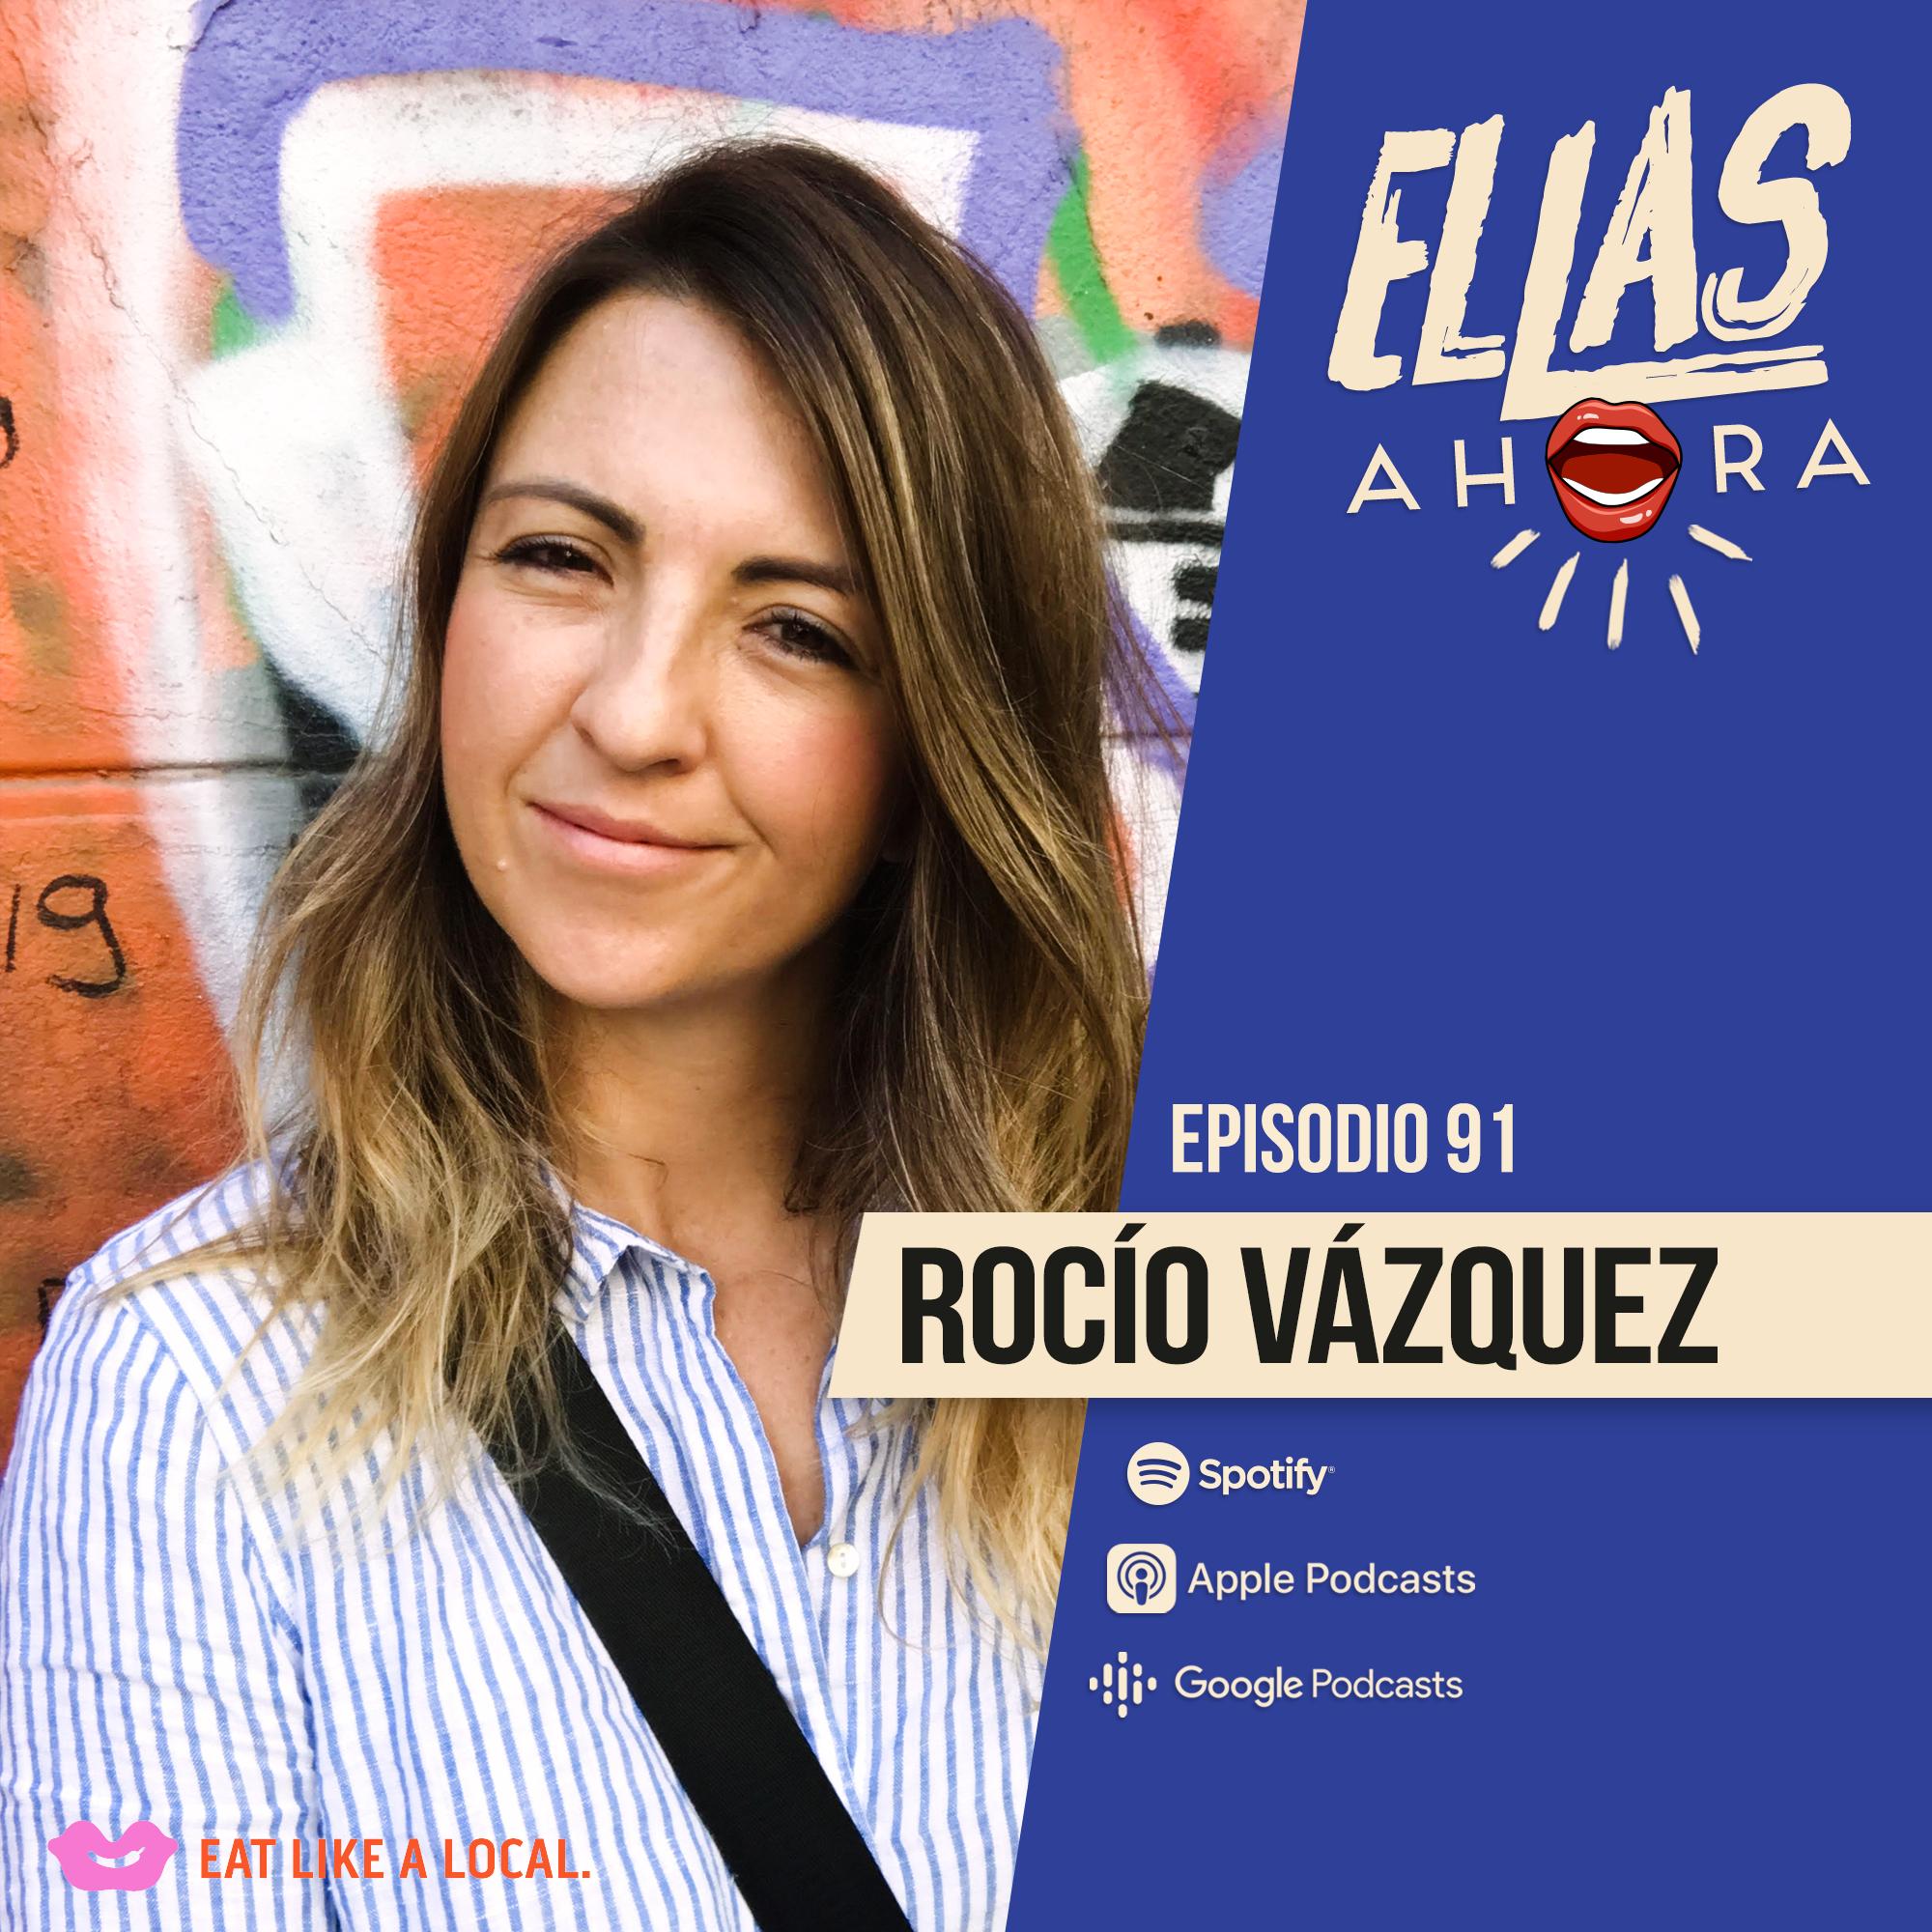 Rocío Vázquez